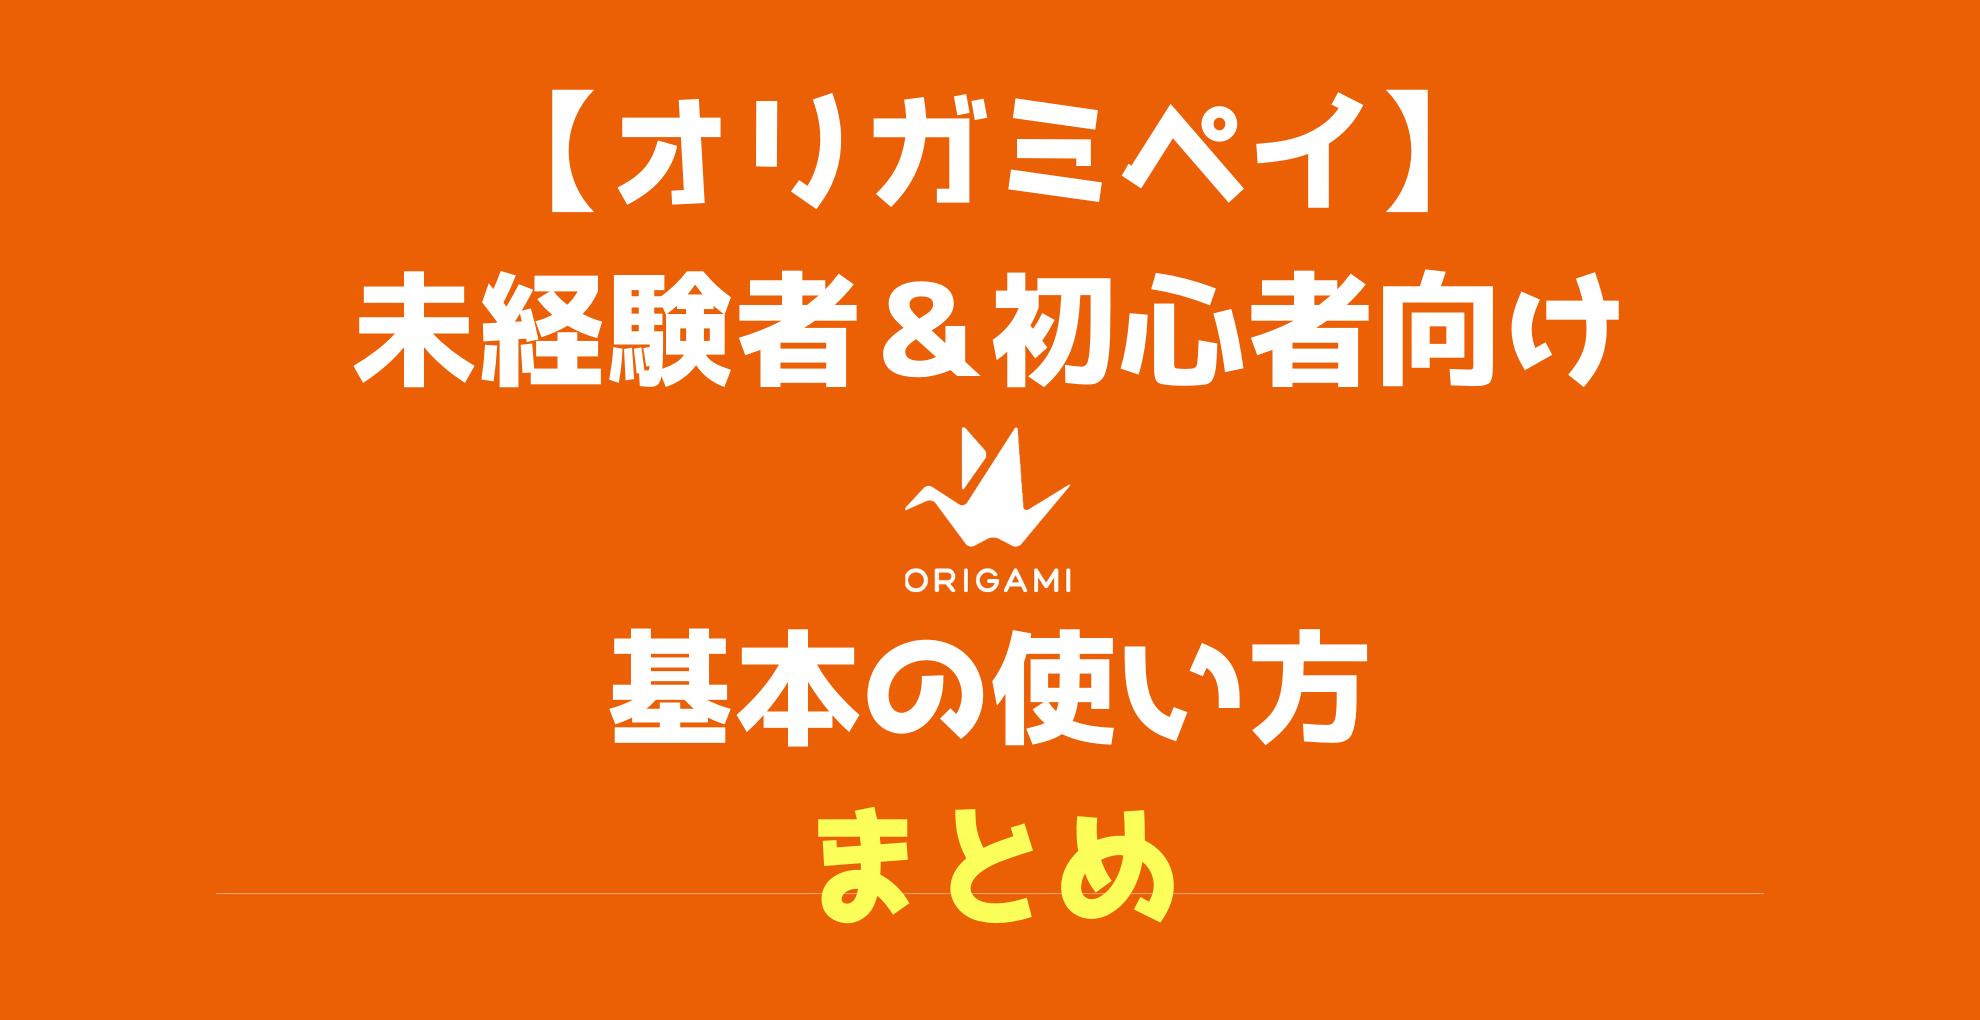 【オリガミペイ】(オリガミペイ) 基本的な使い方 まとめ 解説